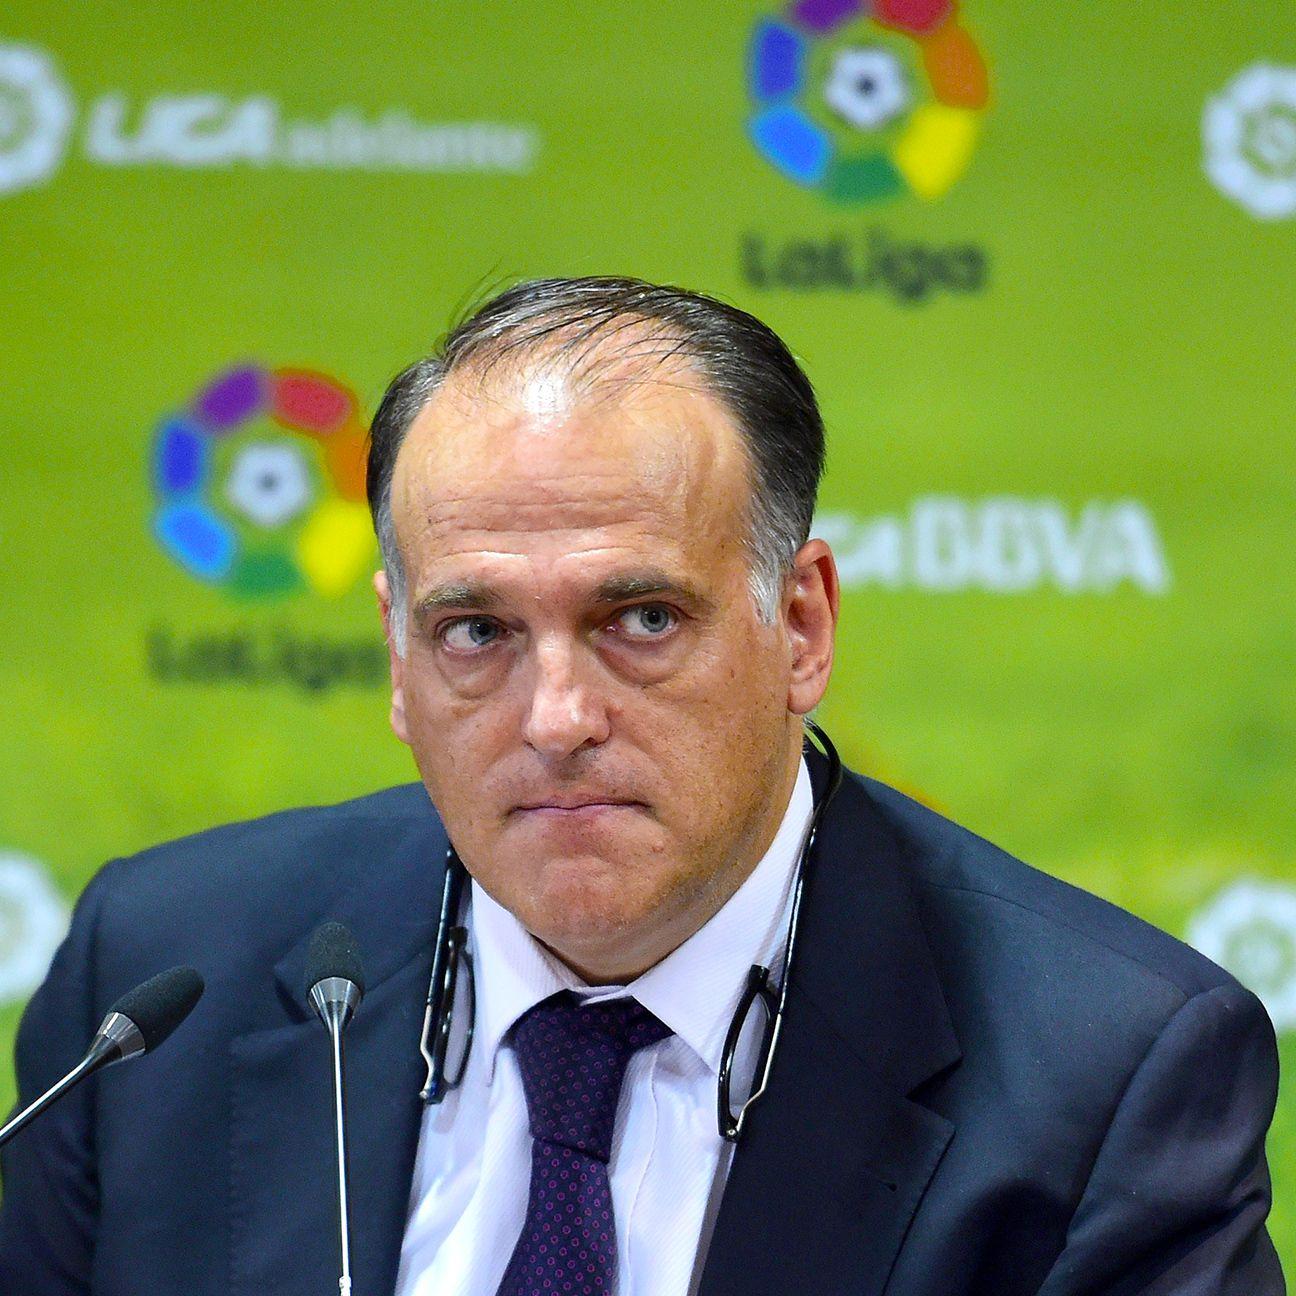 La Liga players still not convinced about Miami game - union chief